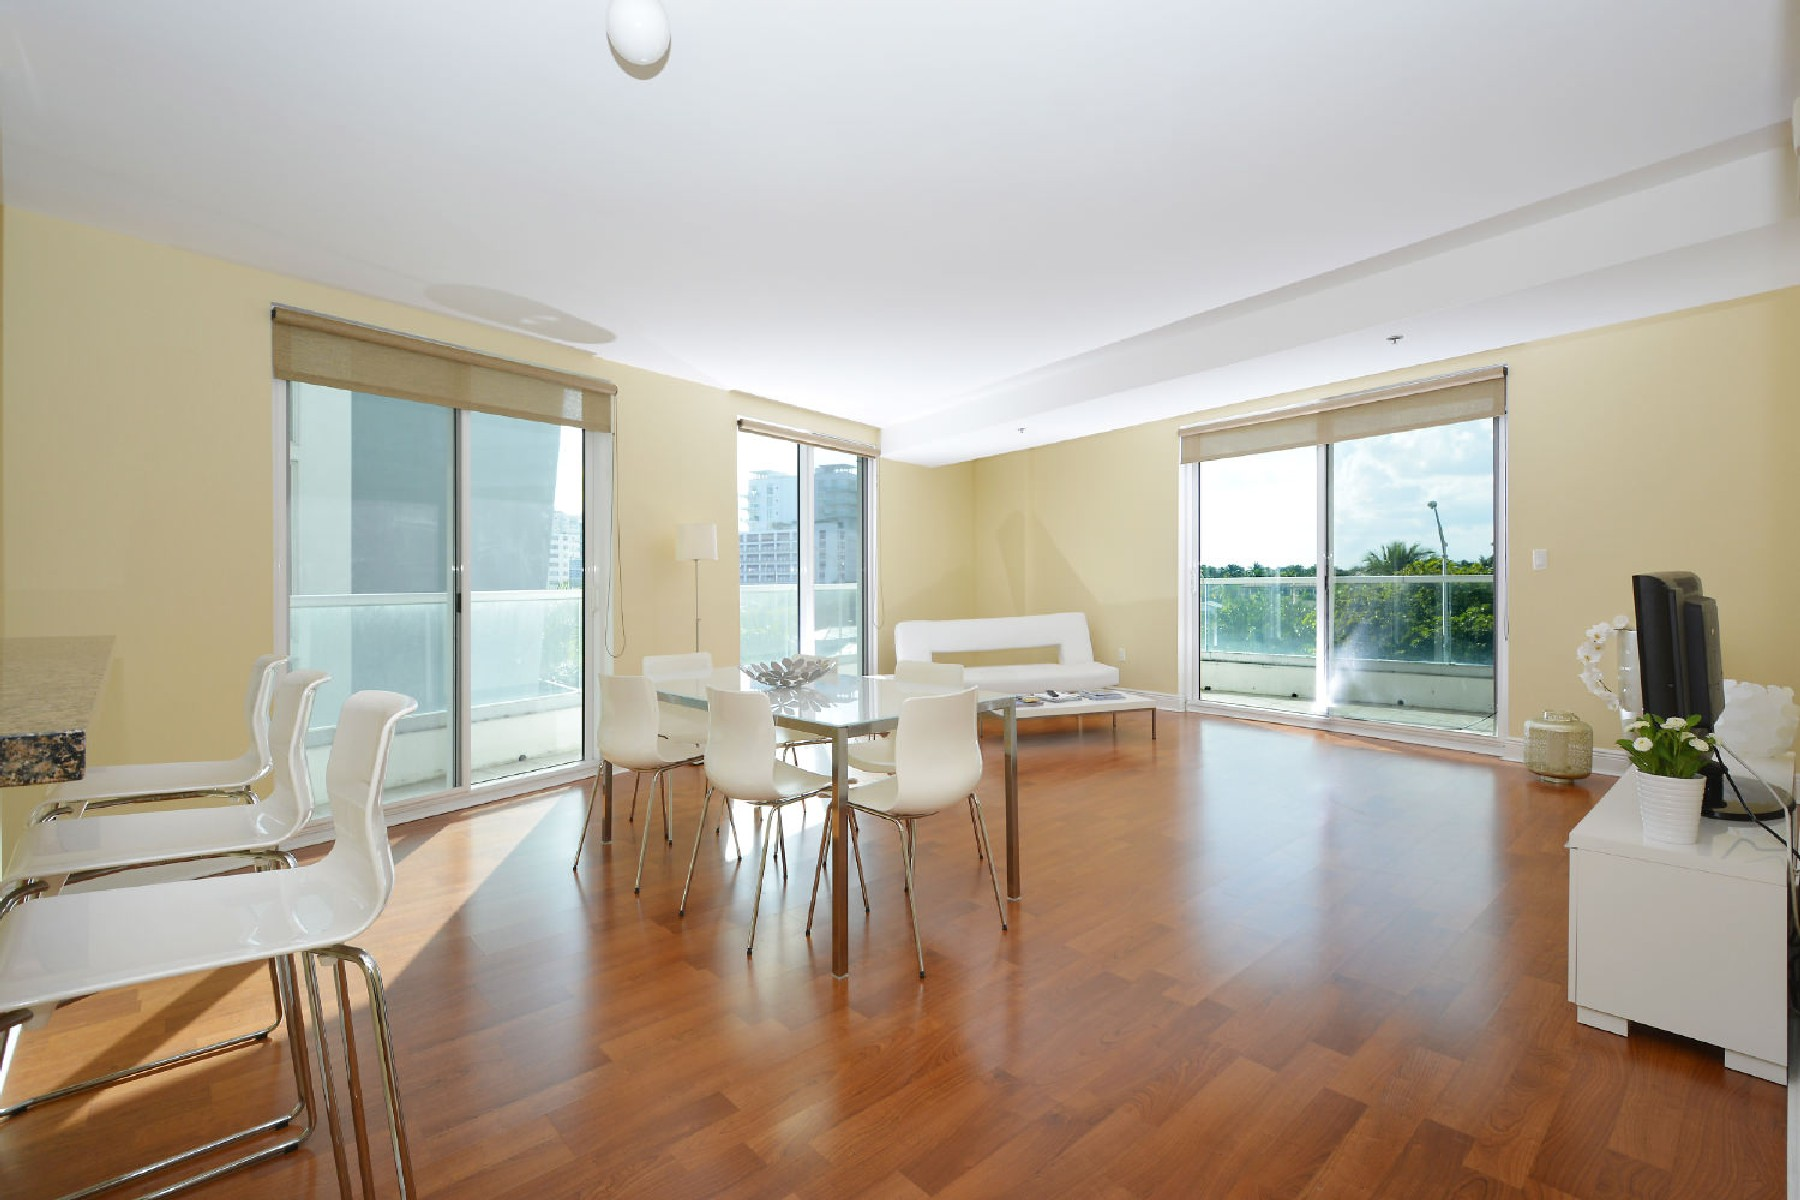 Appartement pour l Vente à 6362 Collins Ave #414 6362 Collins Ave 414 Miami Beach, Florida, 33141 États-Unis